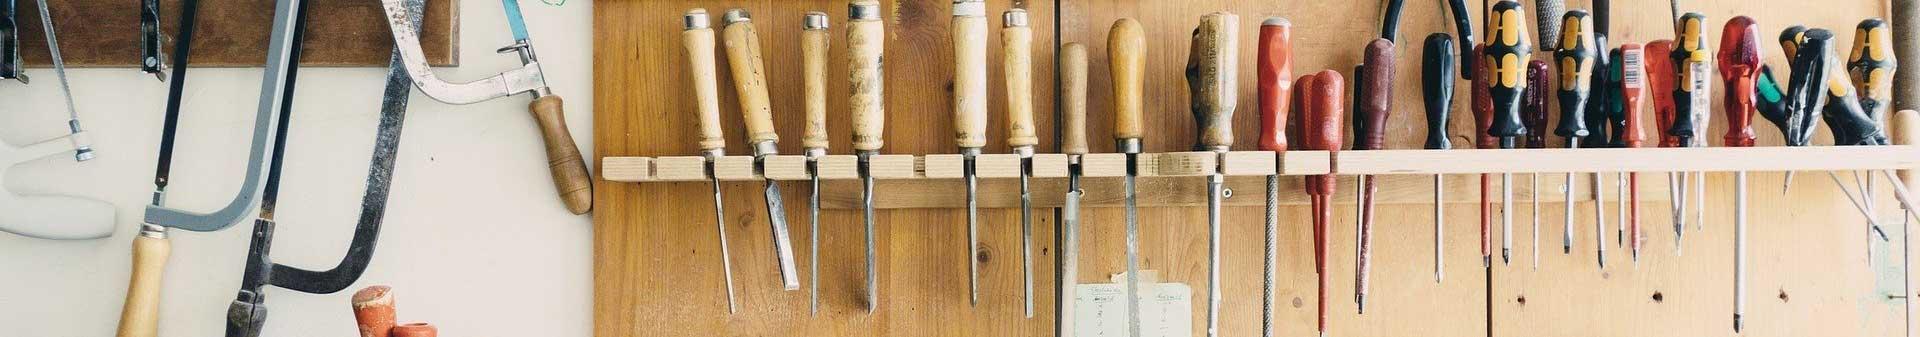 tools-690038_1920